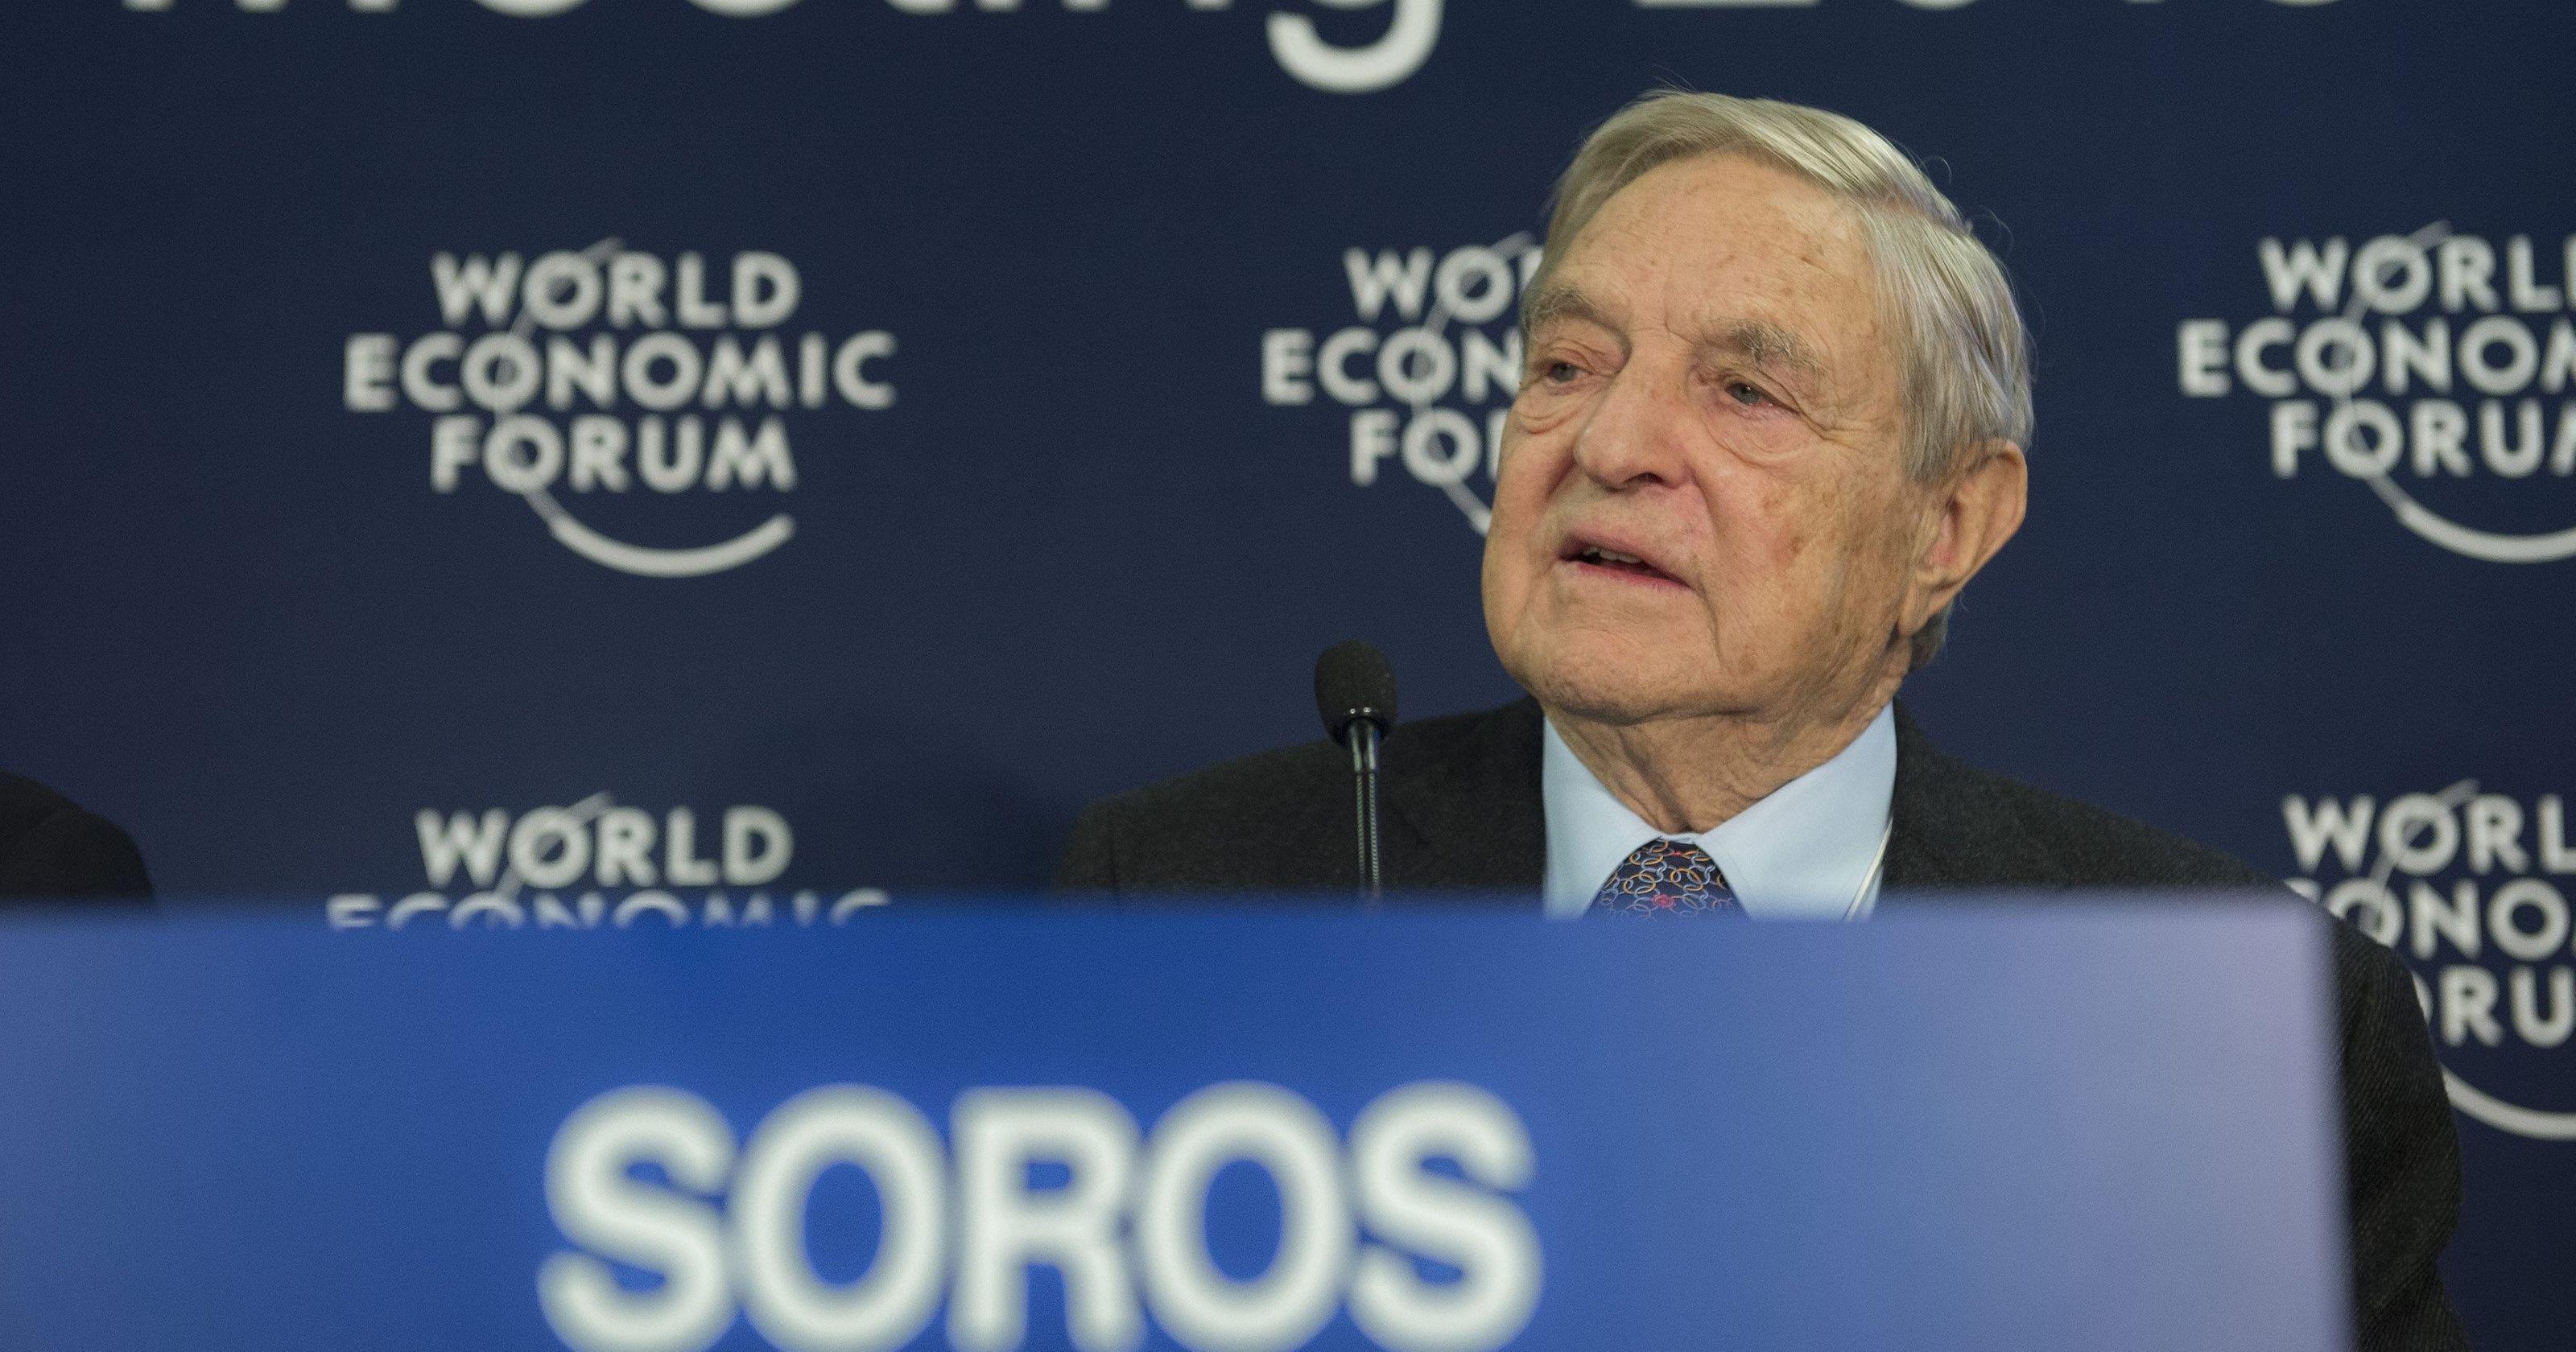 Soros Calls Xi Democracy's Greatest Opponent